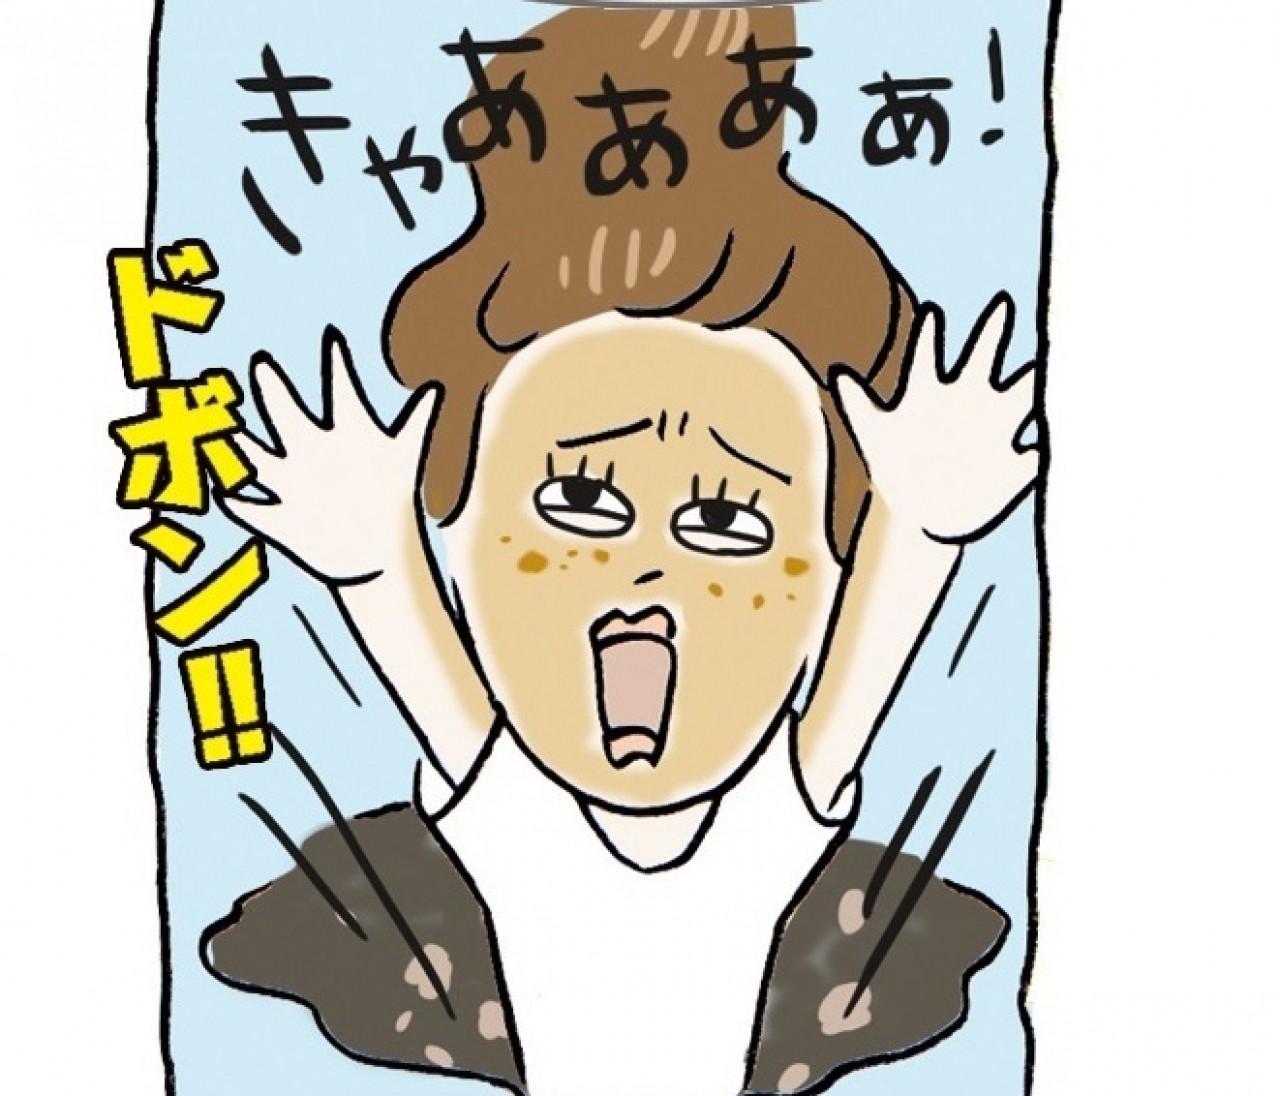 いつの間にうっすら日焼け?! ハマるなキケン!【塗っていても焼けちゃってる落とし穴】大人の夏スキンケア